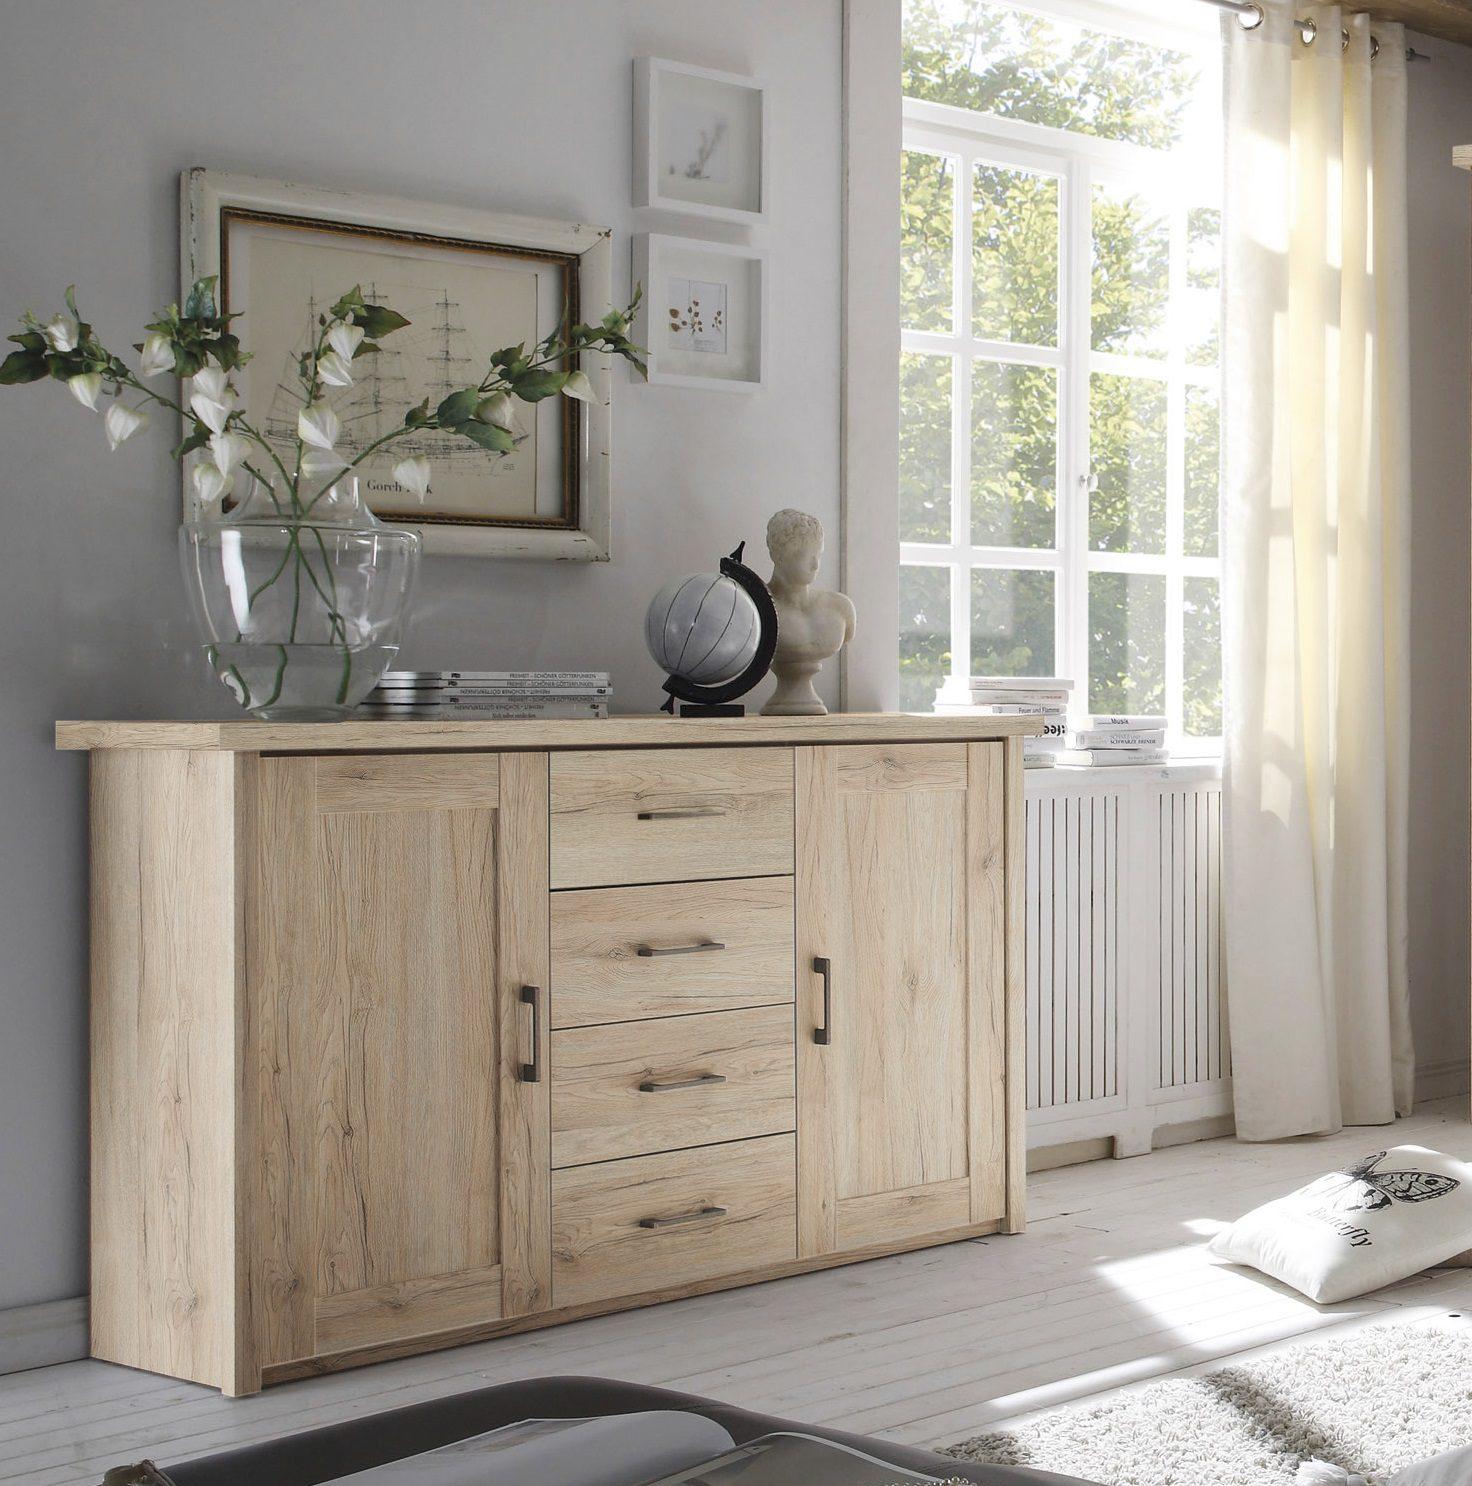 Trendwerk By Möbel Busch Räume Schlafzimmer Kommoden Sideboards